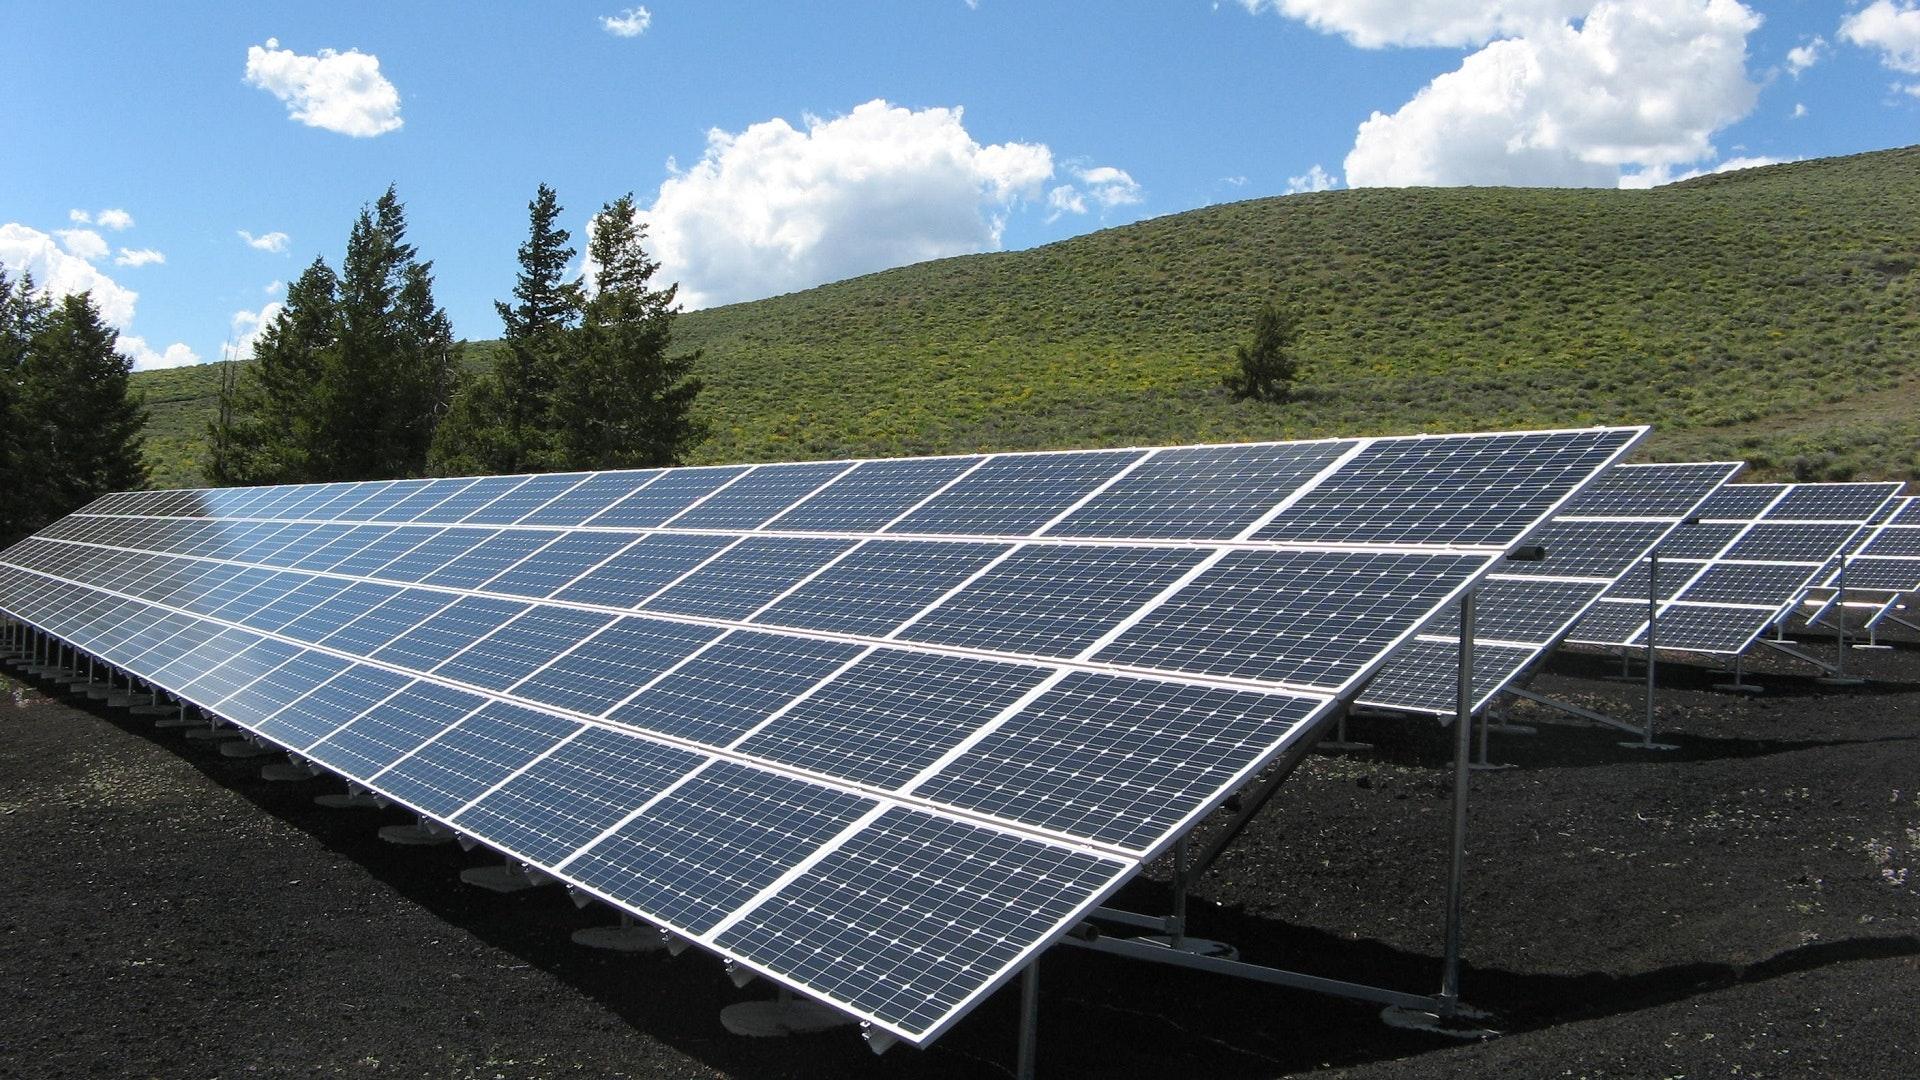 Confira 5 tipos de energias renováveis e saiba suas vantagens e desvantagens